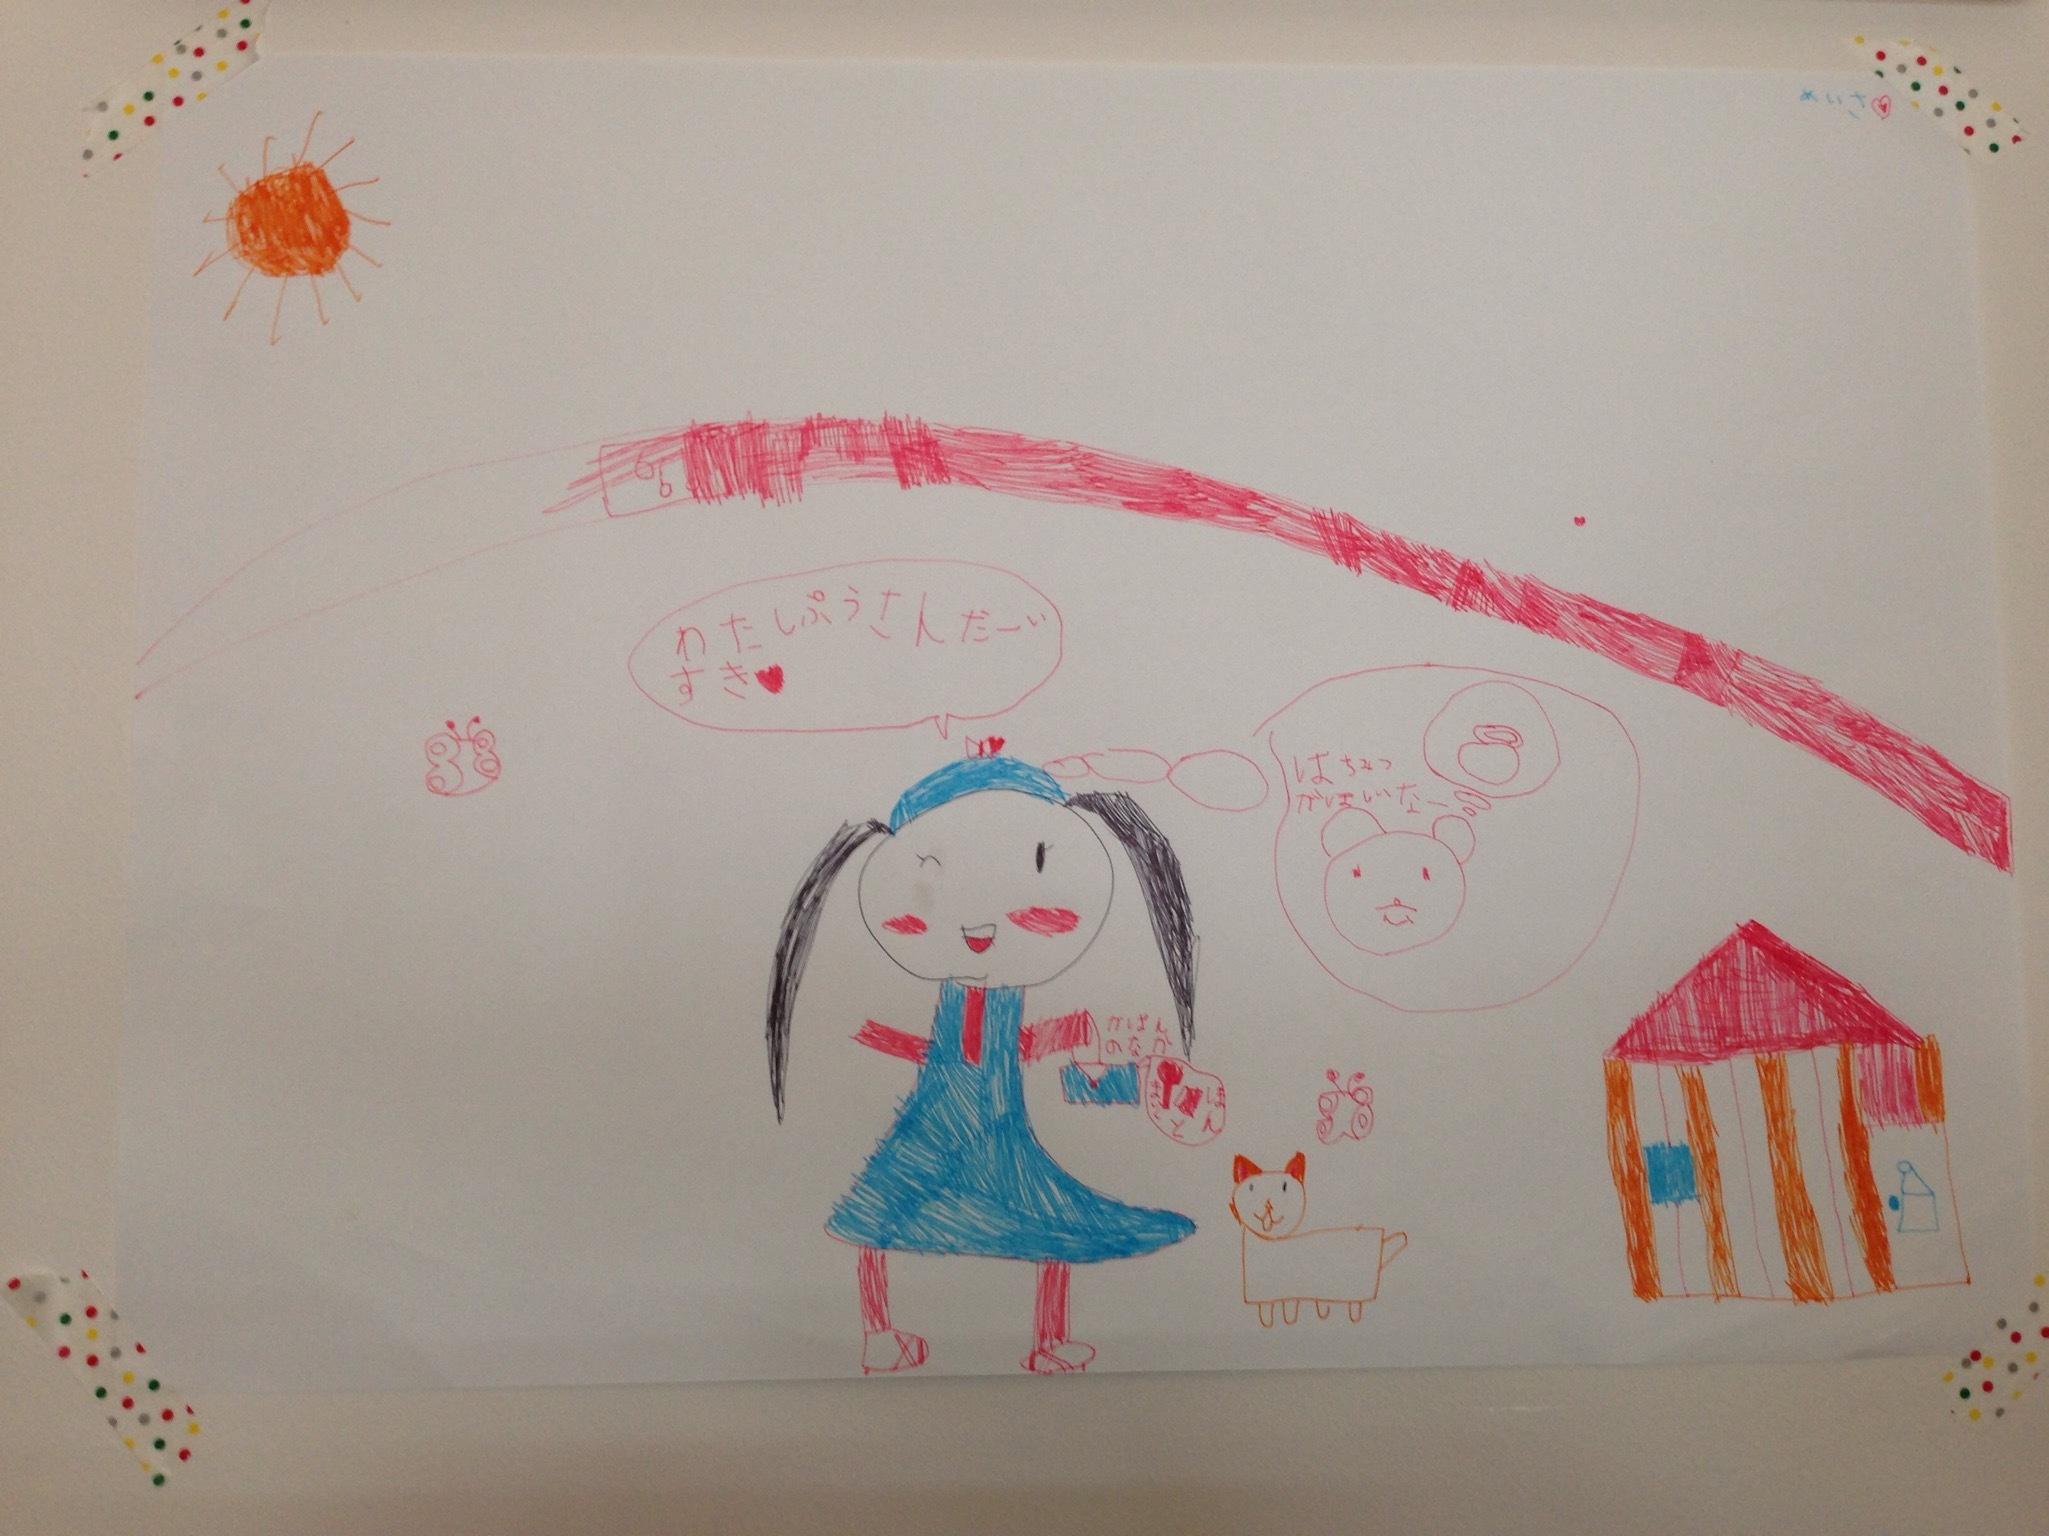 【こどもの日】絵のプレゼント♡_e0120789_18072364.jpg